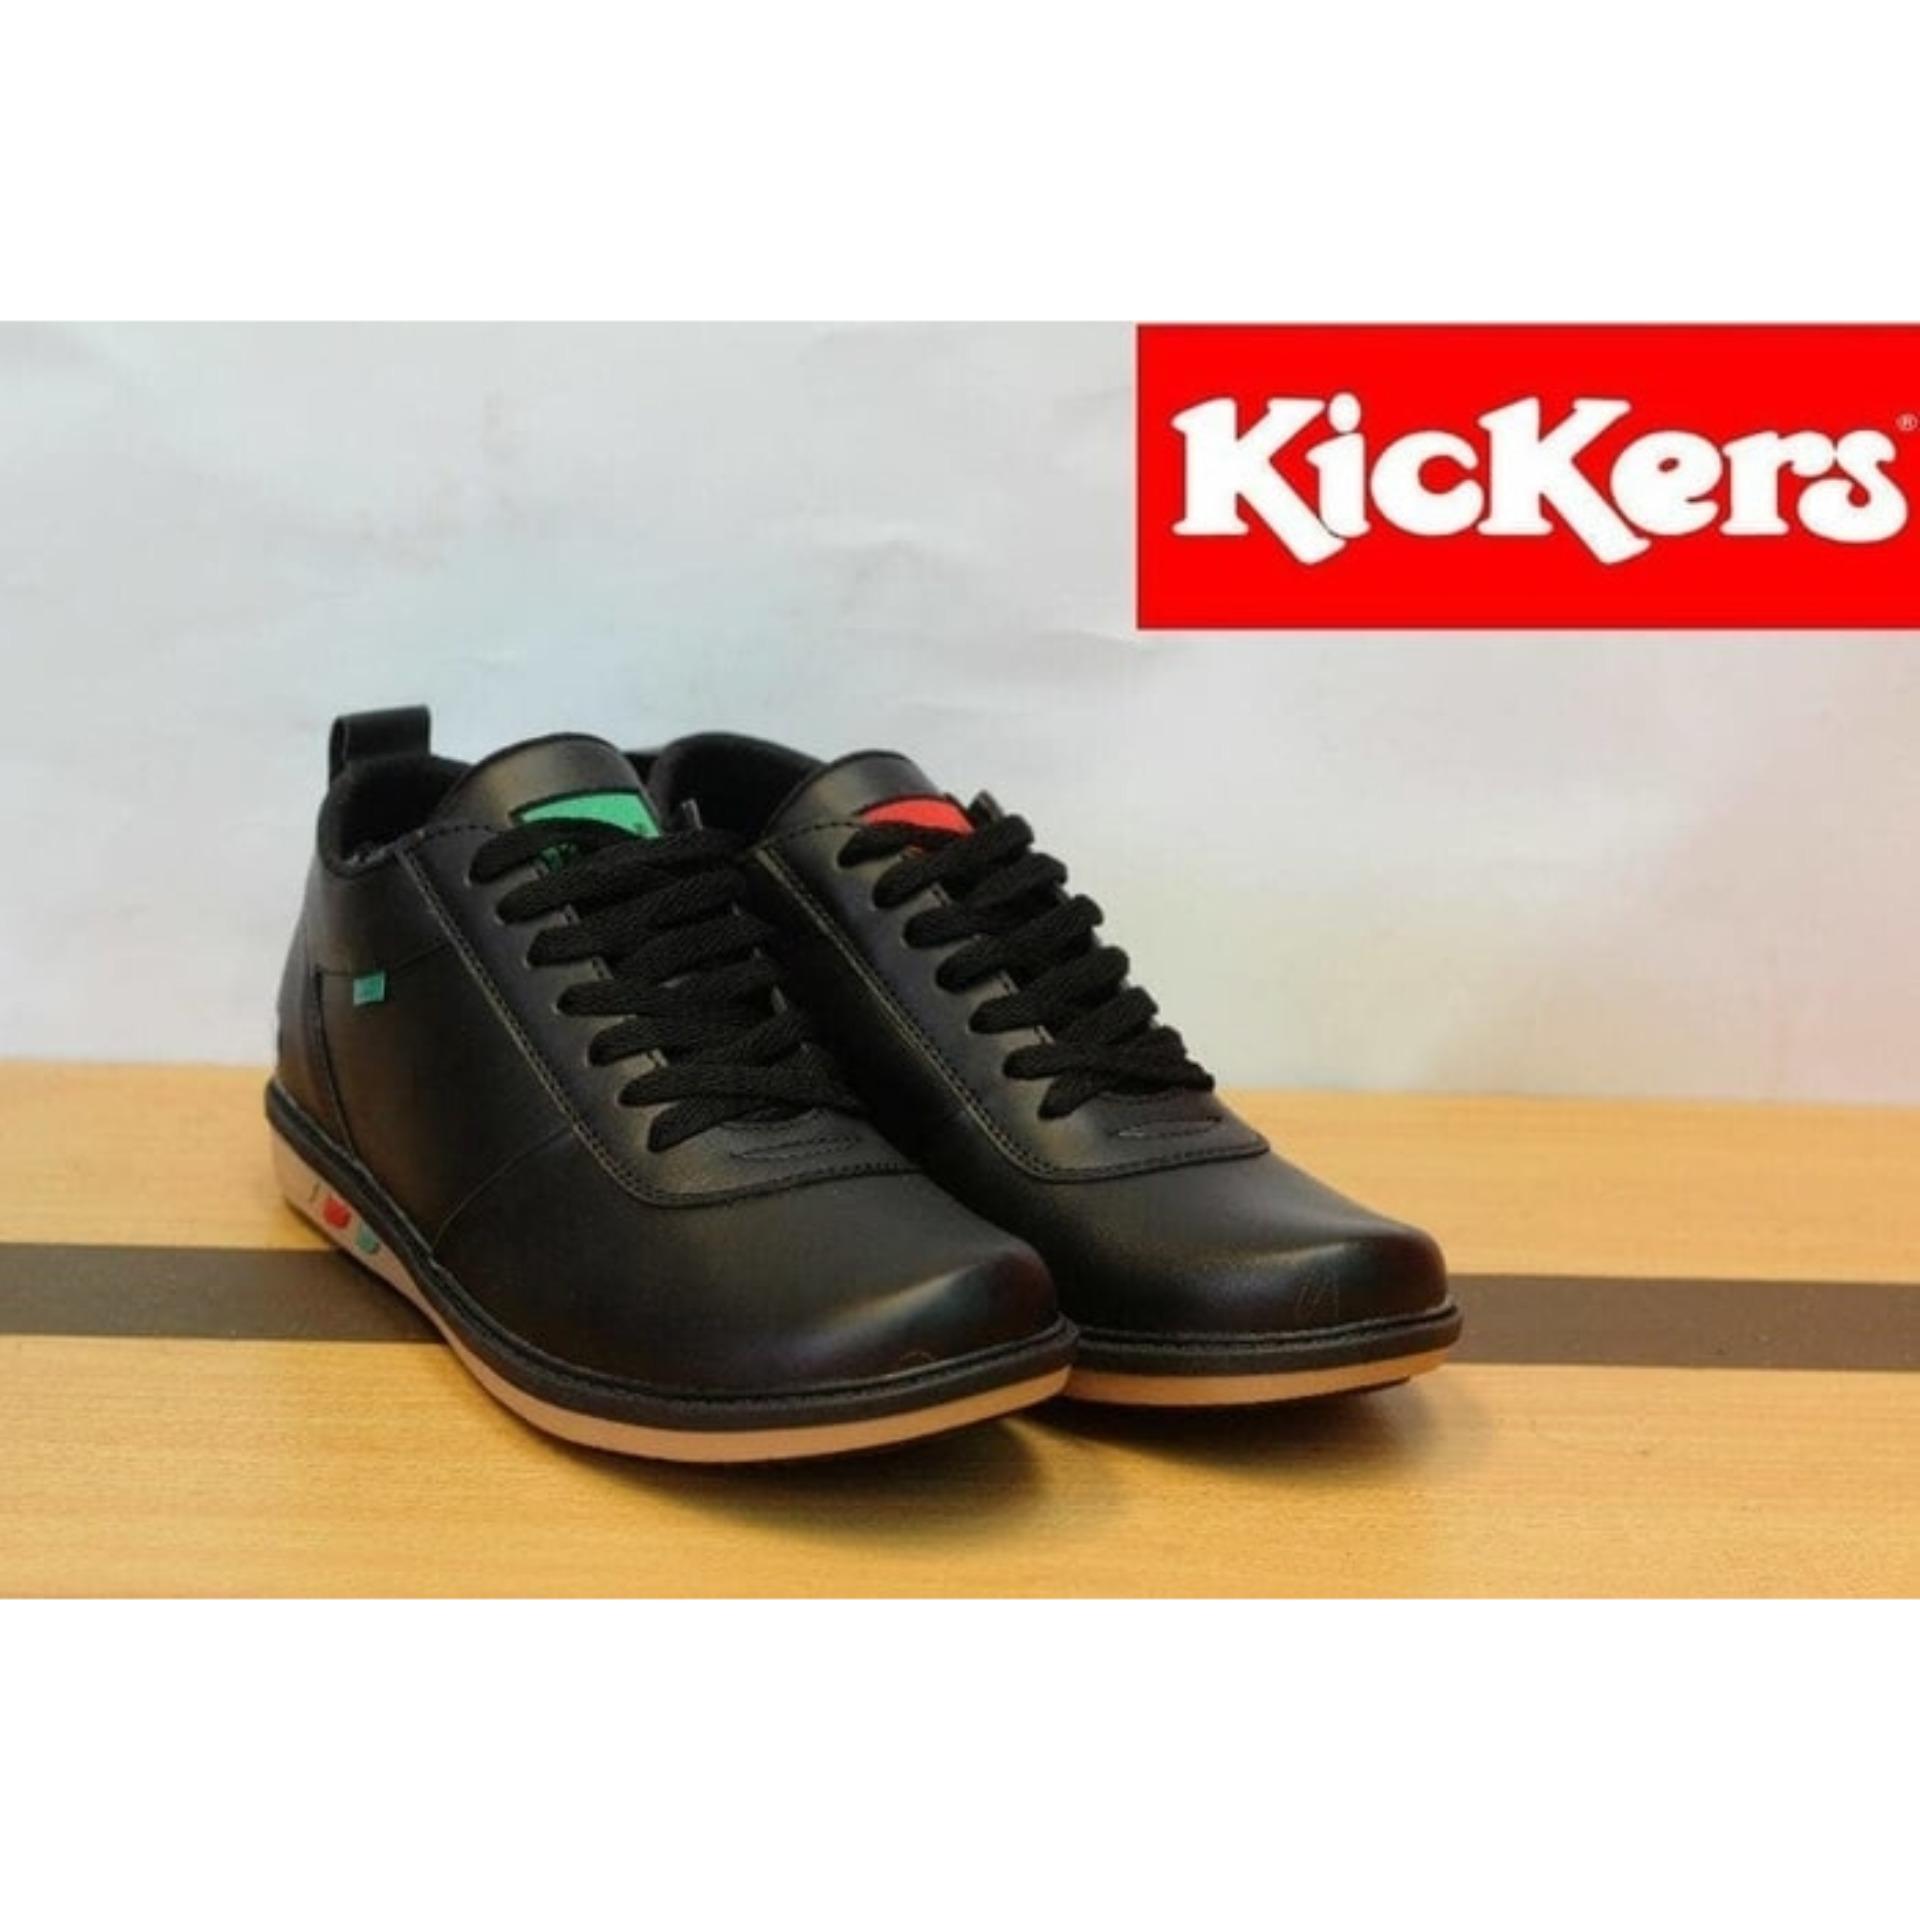 Distro Bandung Vr 339 Sepatu Sneakers Dan Kasual Wanita Hitam 284 Kets Casual Olahraga Putih Pria Kickers Chapra Kulit Asli Free Kaos Kaki